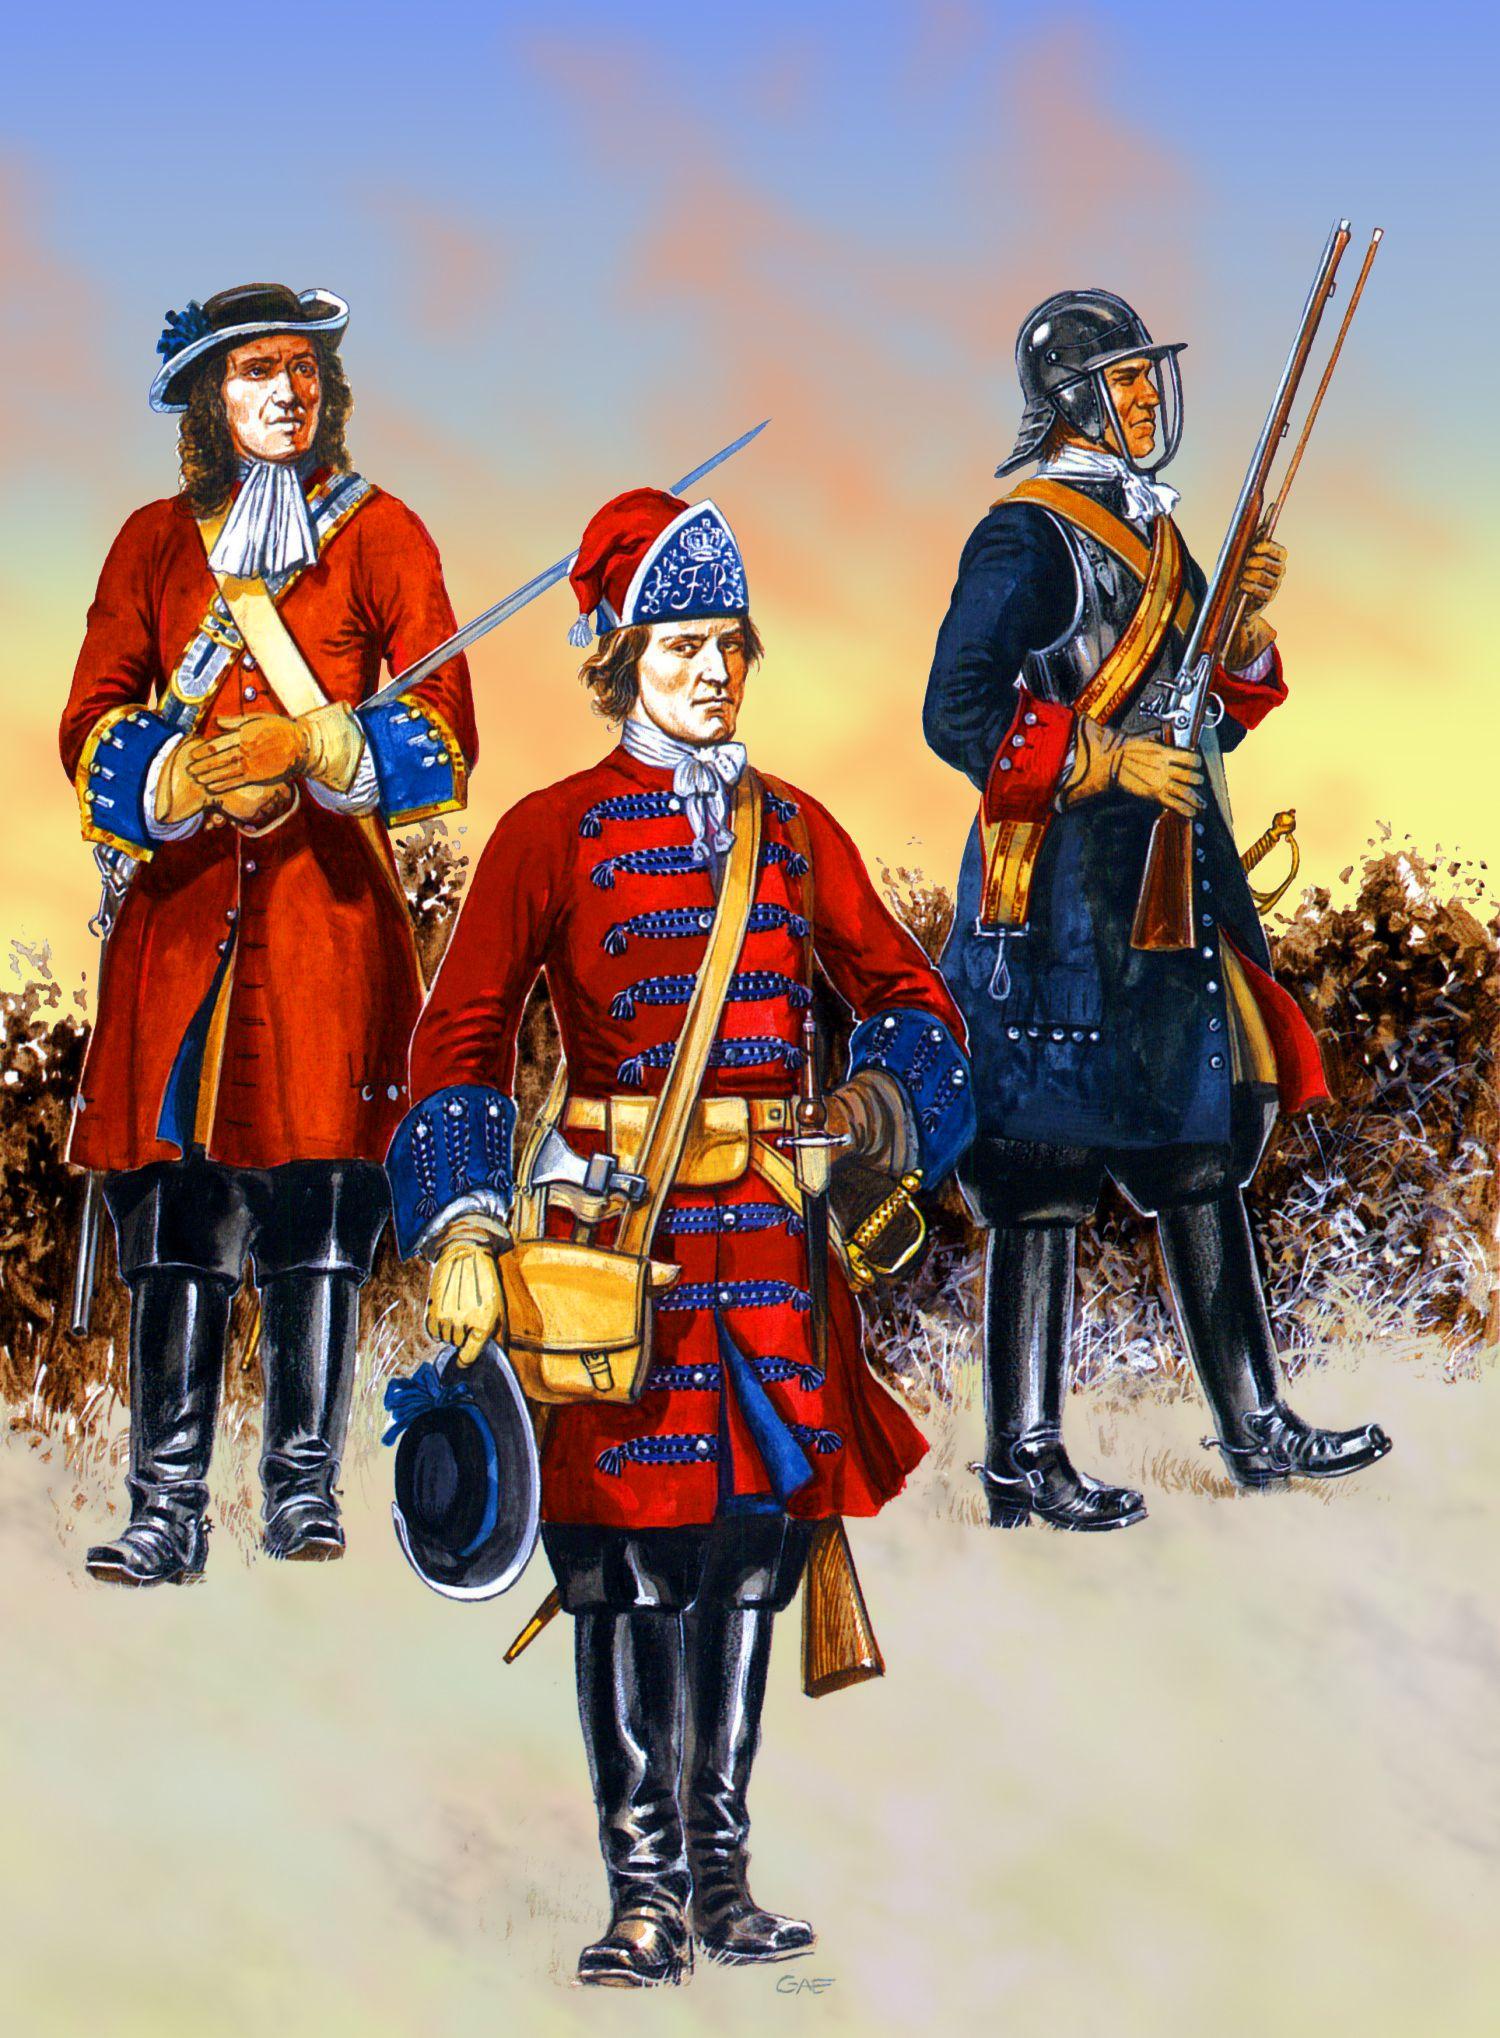 British Horse Regiments at the Battle of Sedgemoor, 1685